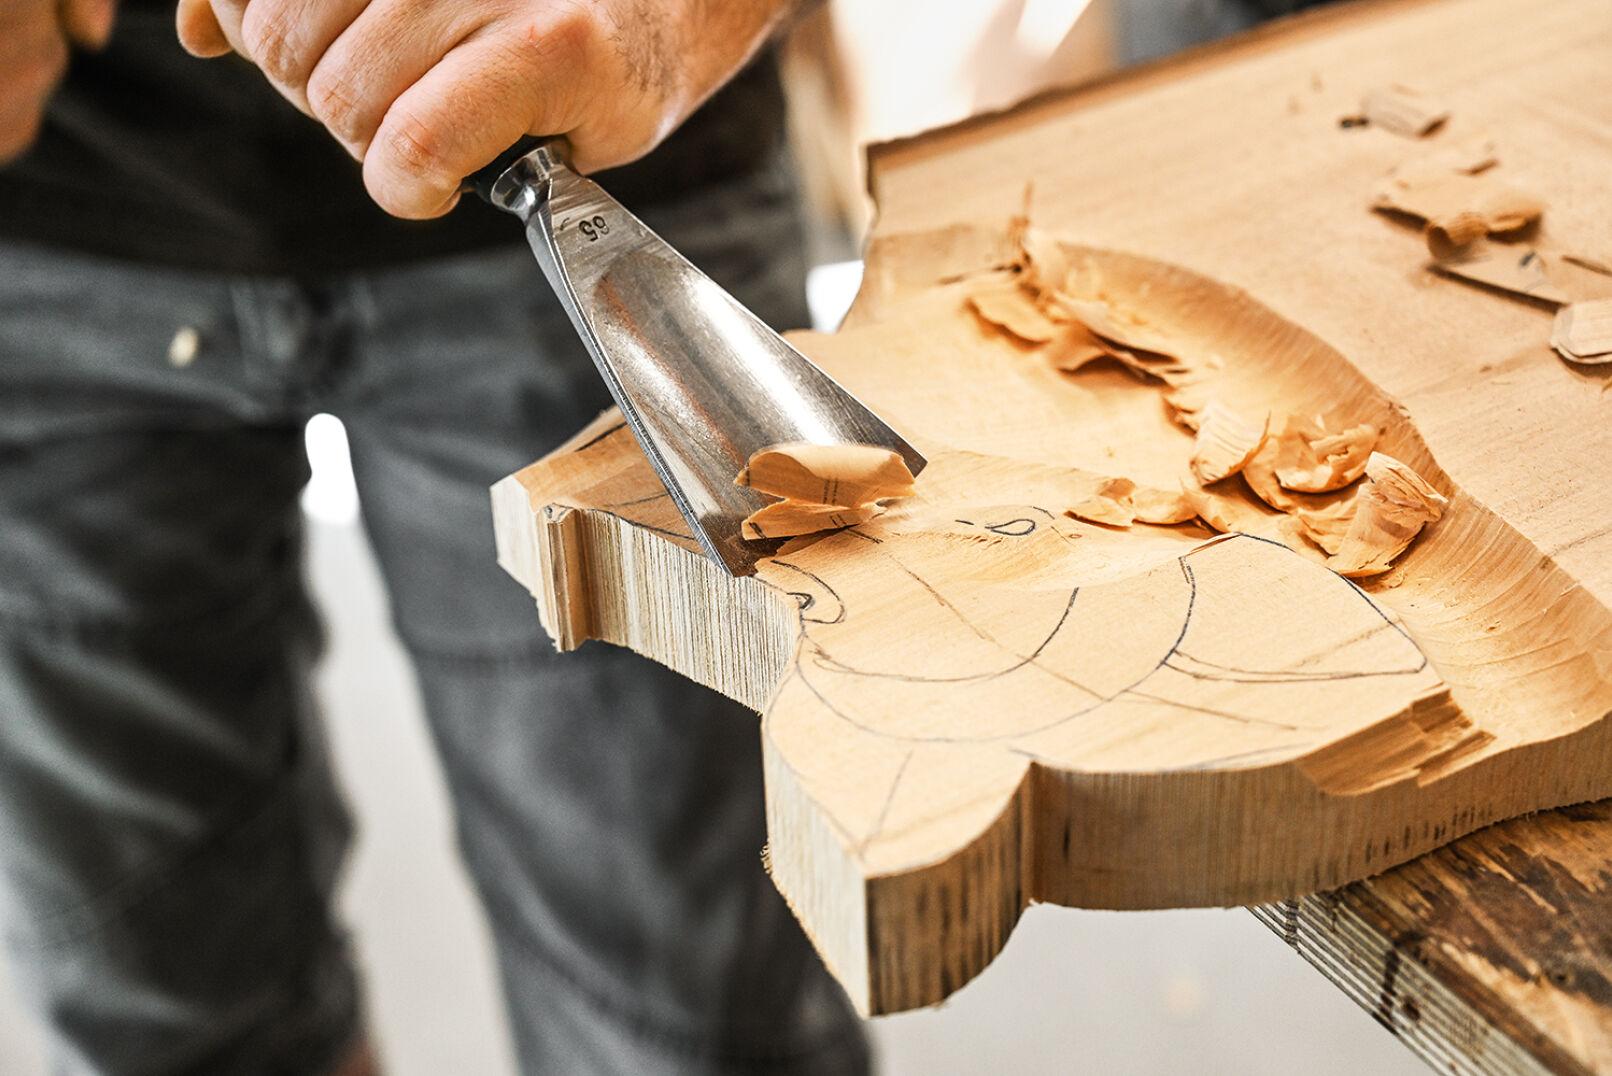 Bei der Wahl des Holzes kann der Kunde mitbestimmen. Oft nimmt Markus Lindenholz aus der Region. - © Barbara Marko